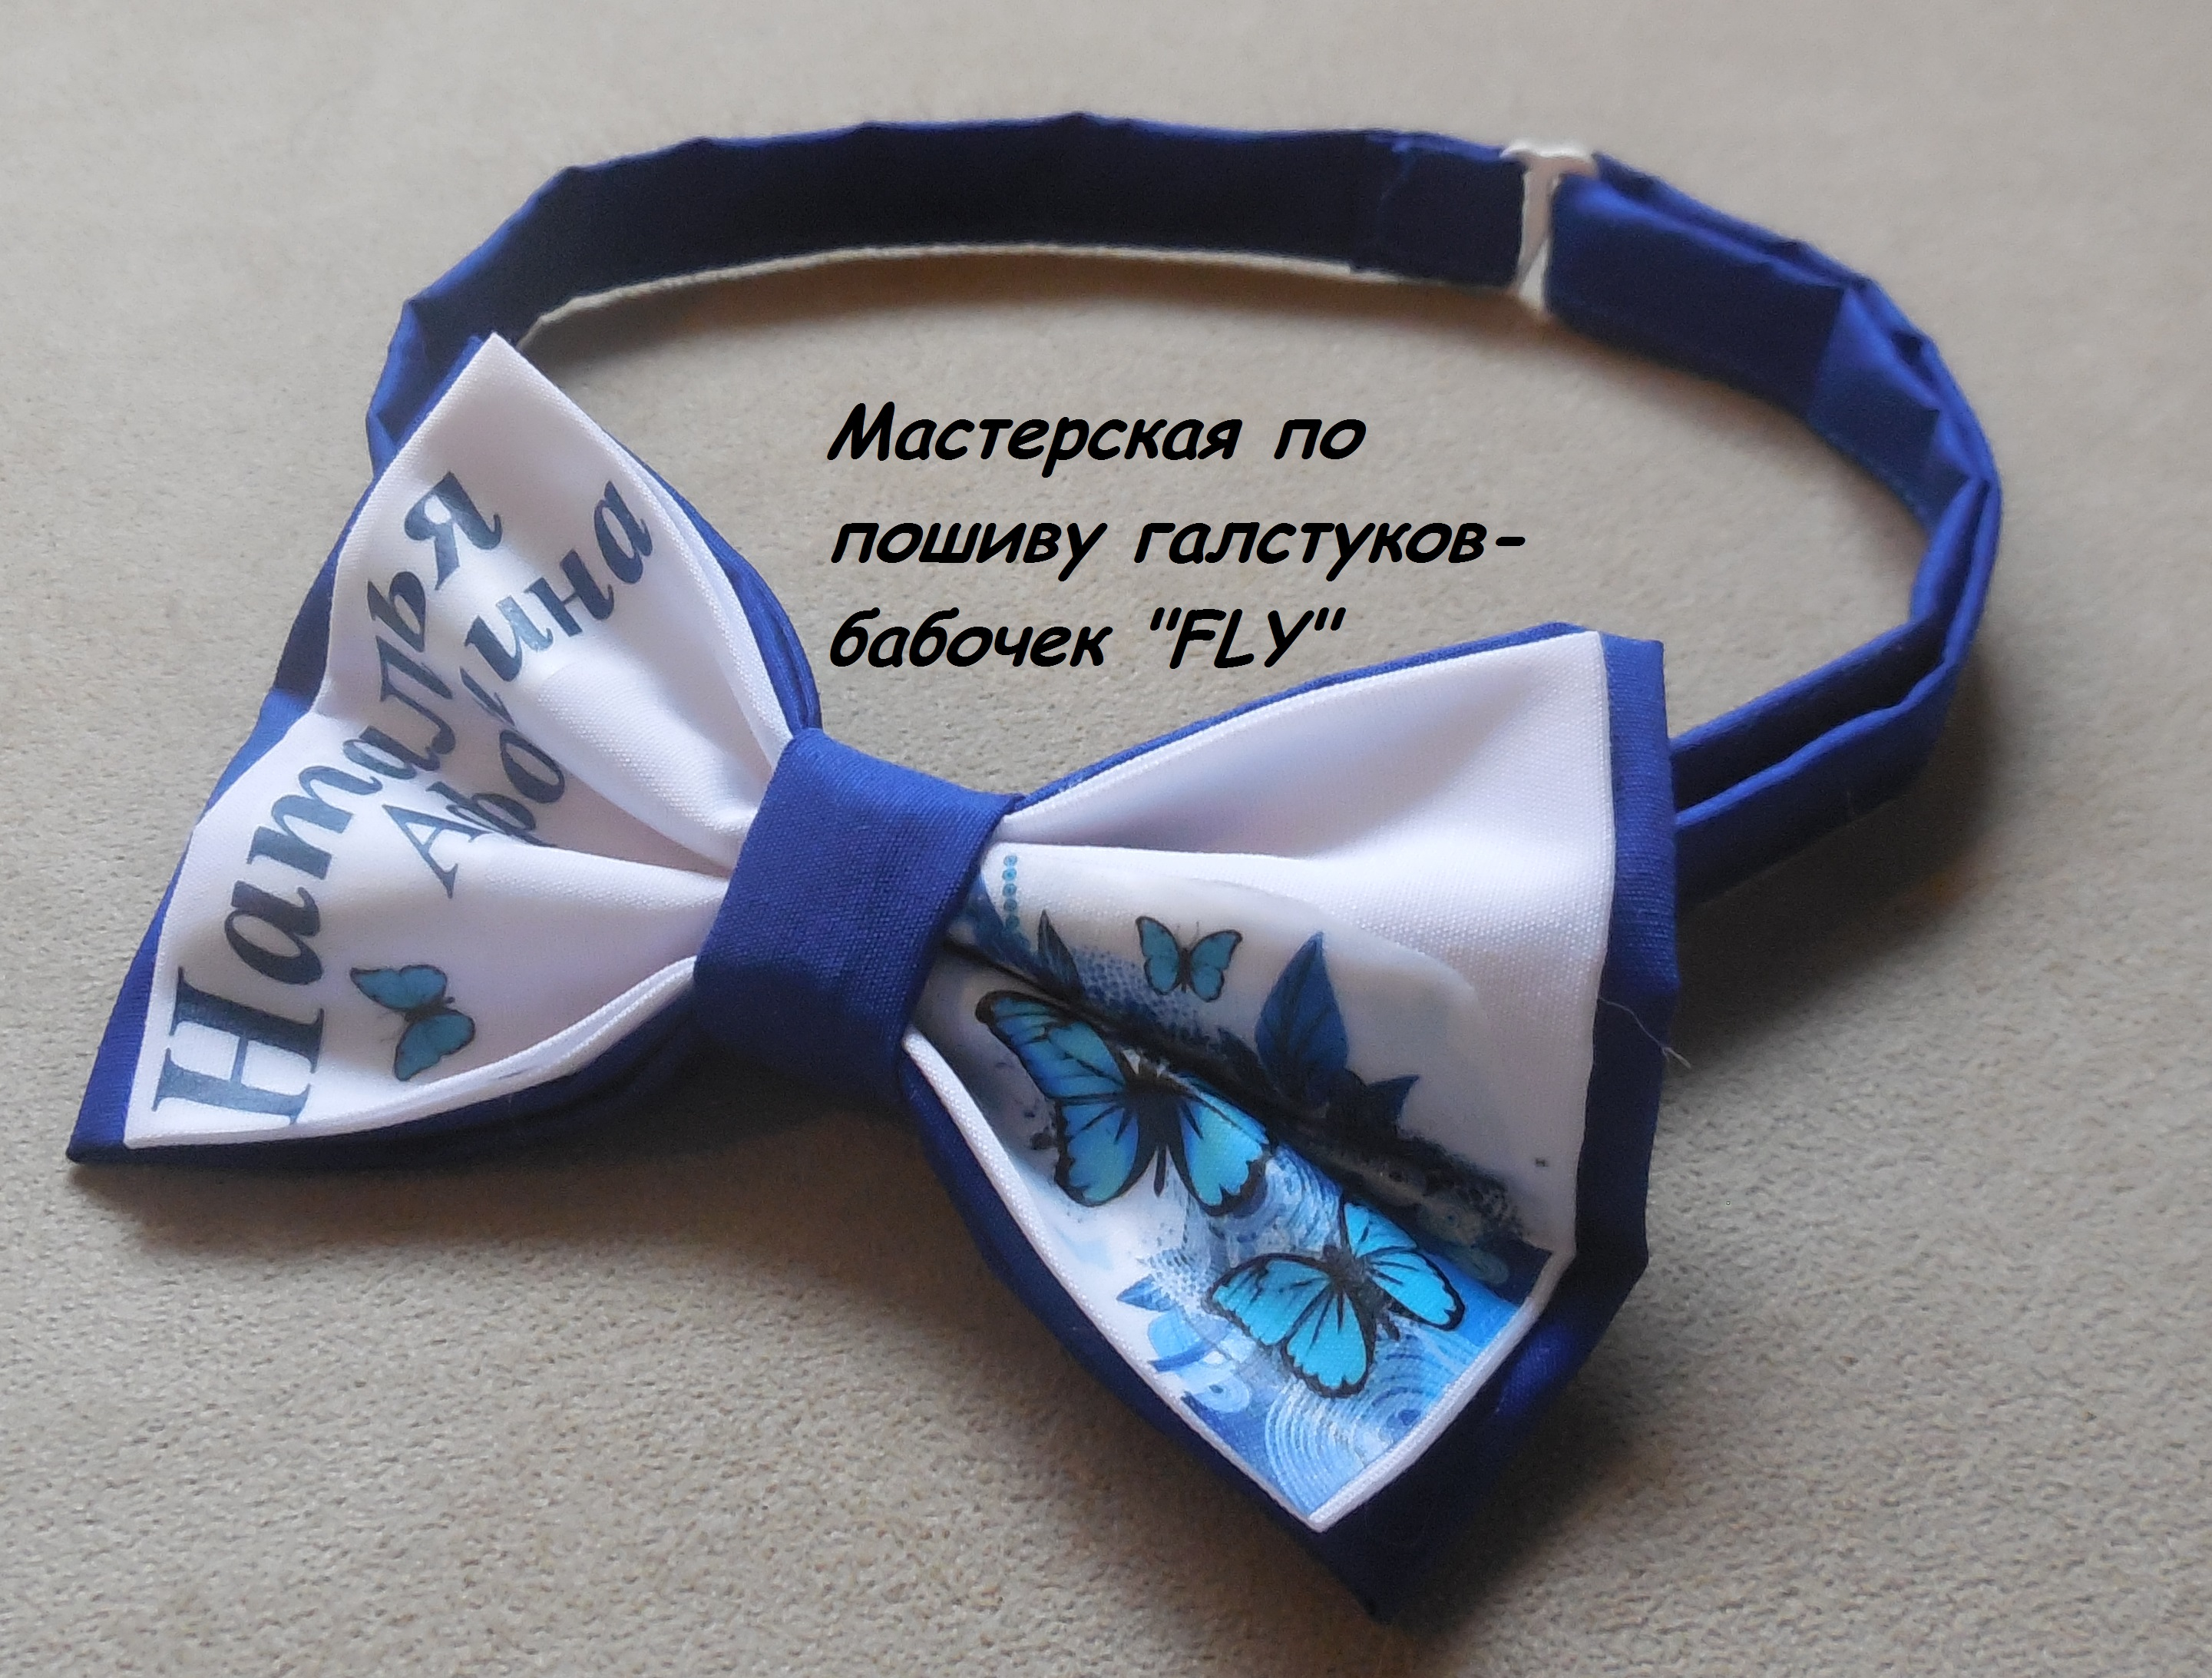 ed516432e3a4d9ba7144a31e8e4995ab.jpg